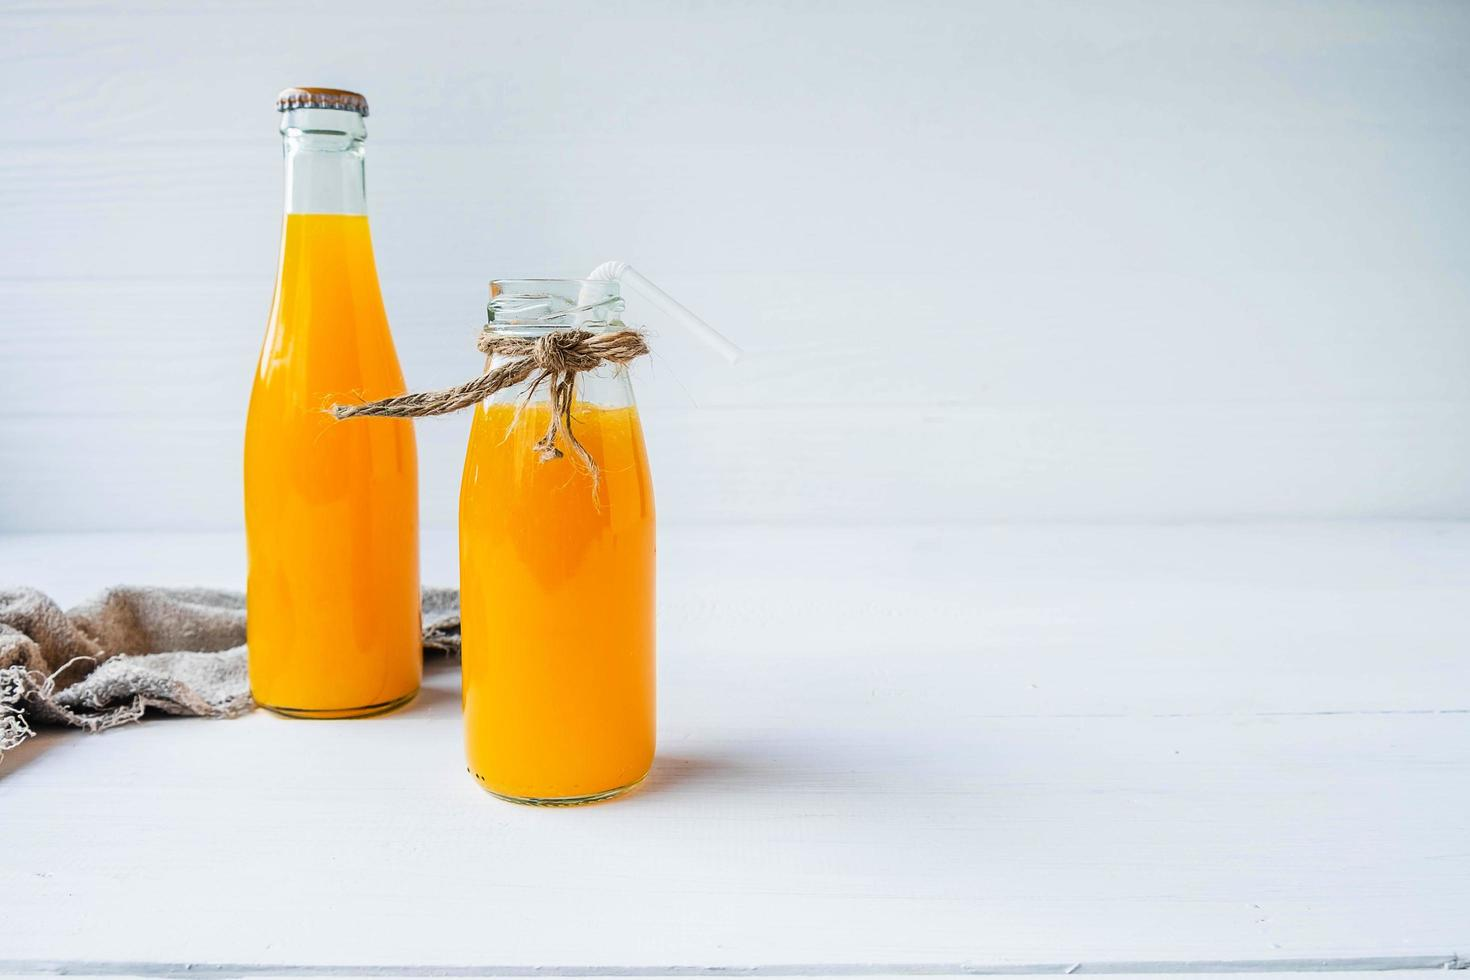 bouteilles de jus d'orange photo